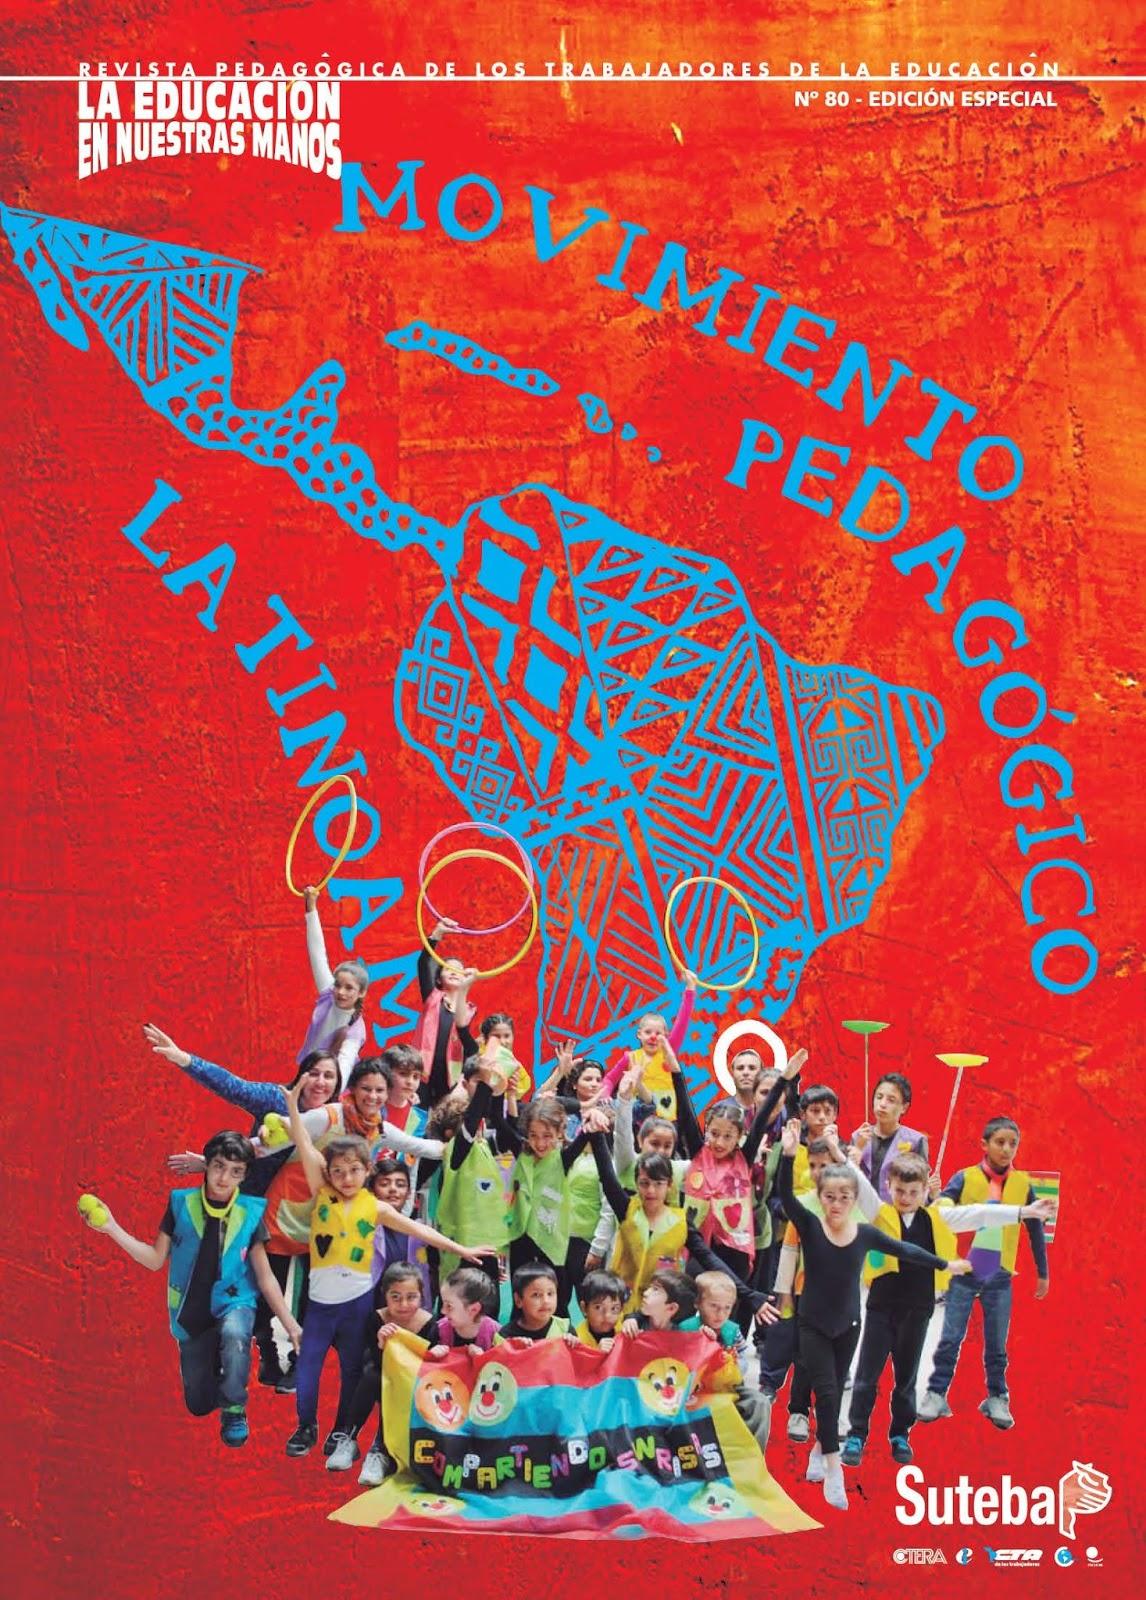 """Movimiento Pedagógico Latinoamericano y Revista """"La Educación en nuestras manos"""""""